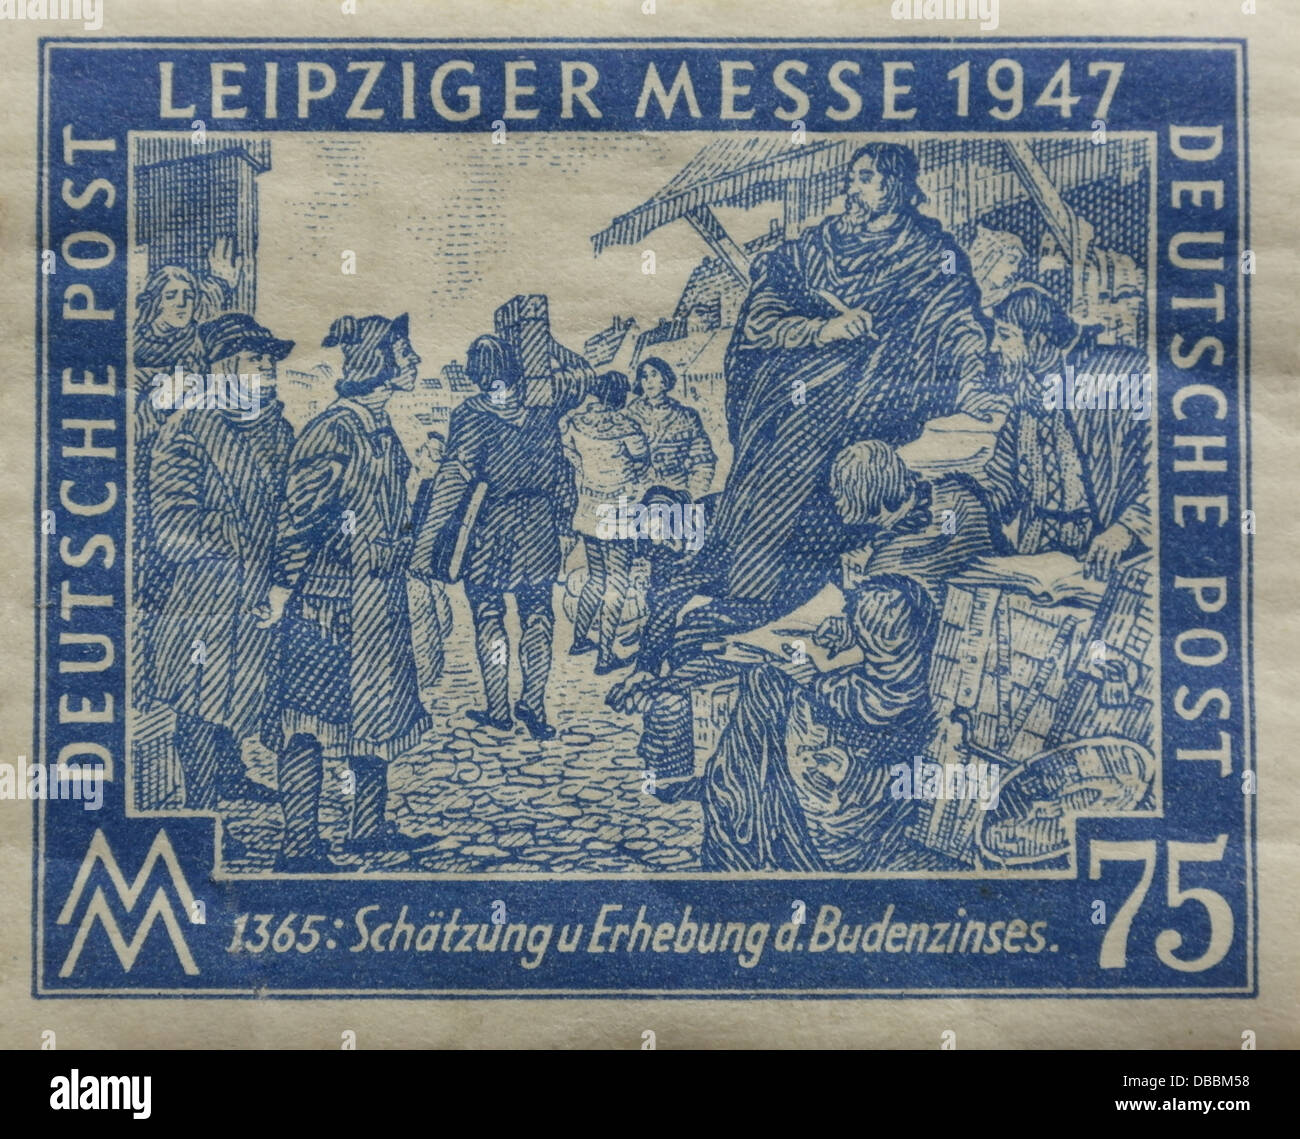 Blau 75 Pfennig Briefmarke Datiert 1947 Zeigen Beamte Sammeln Stall